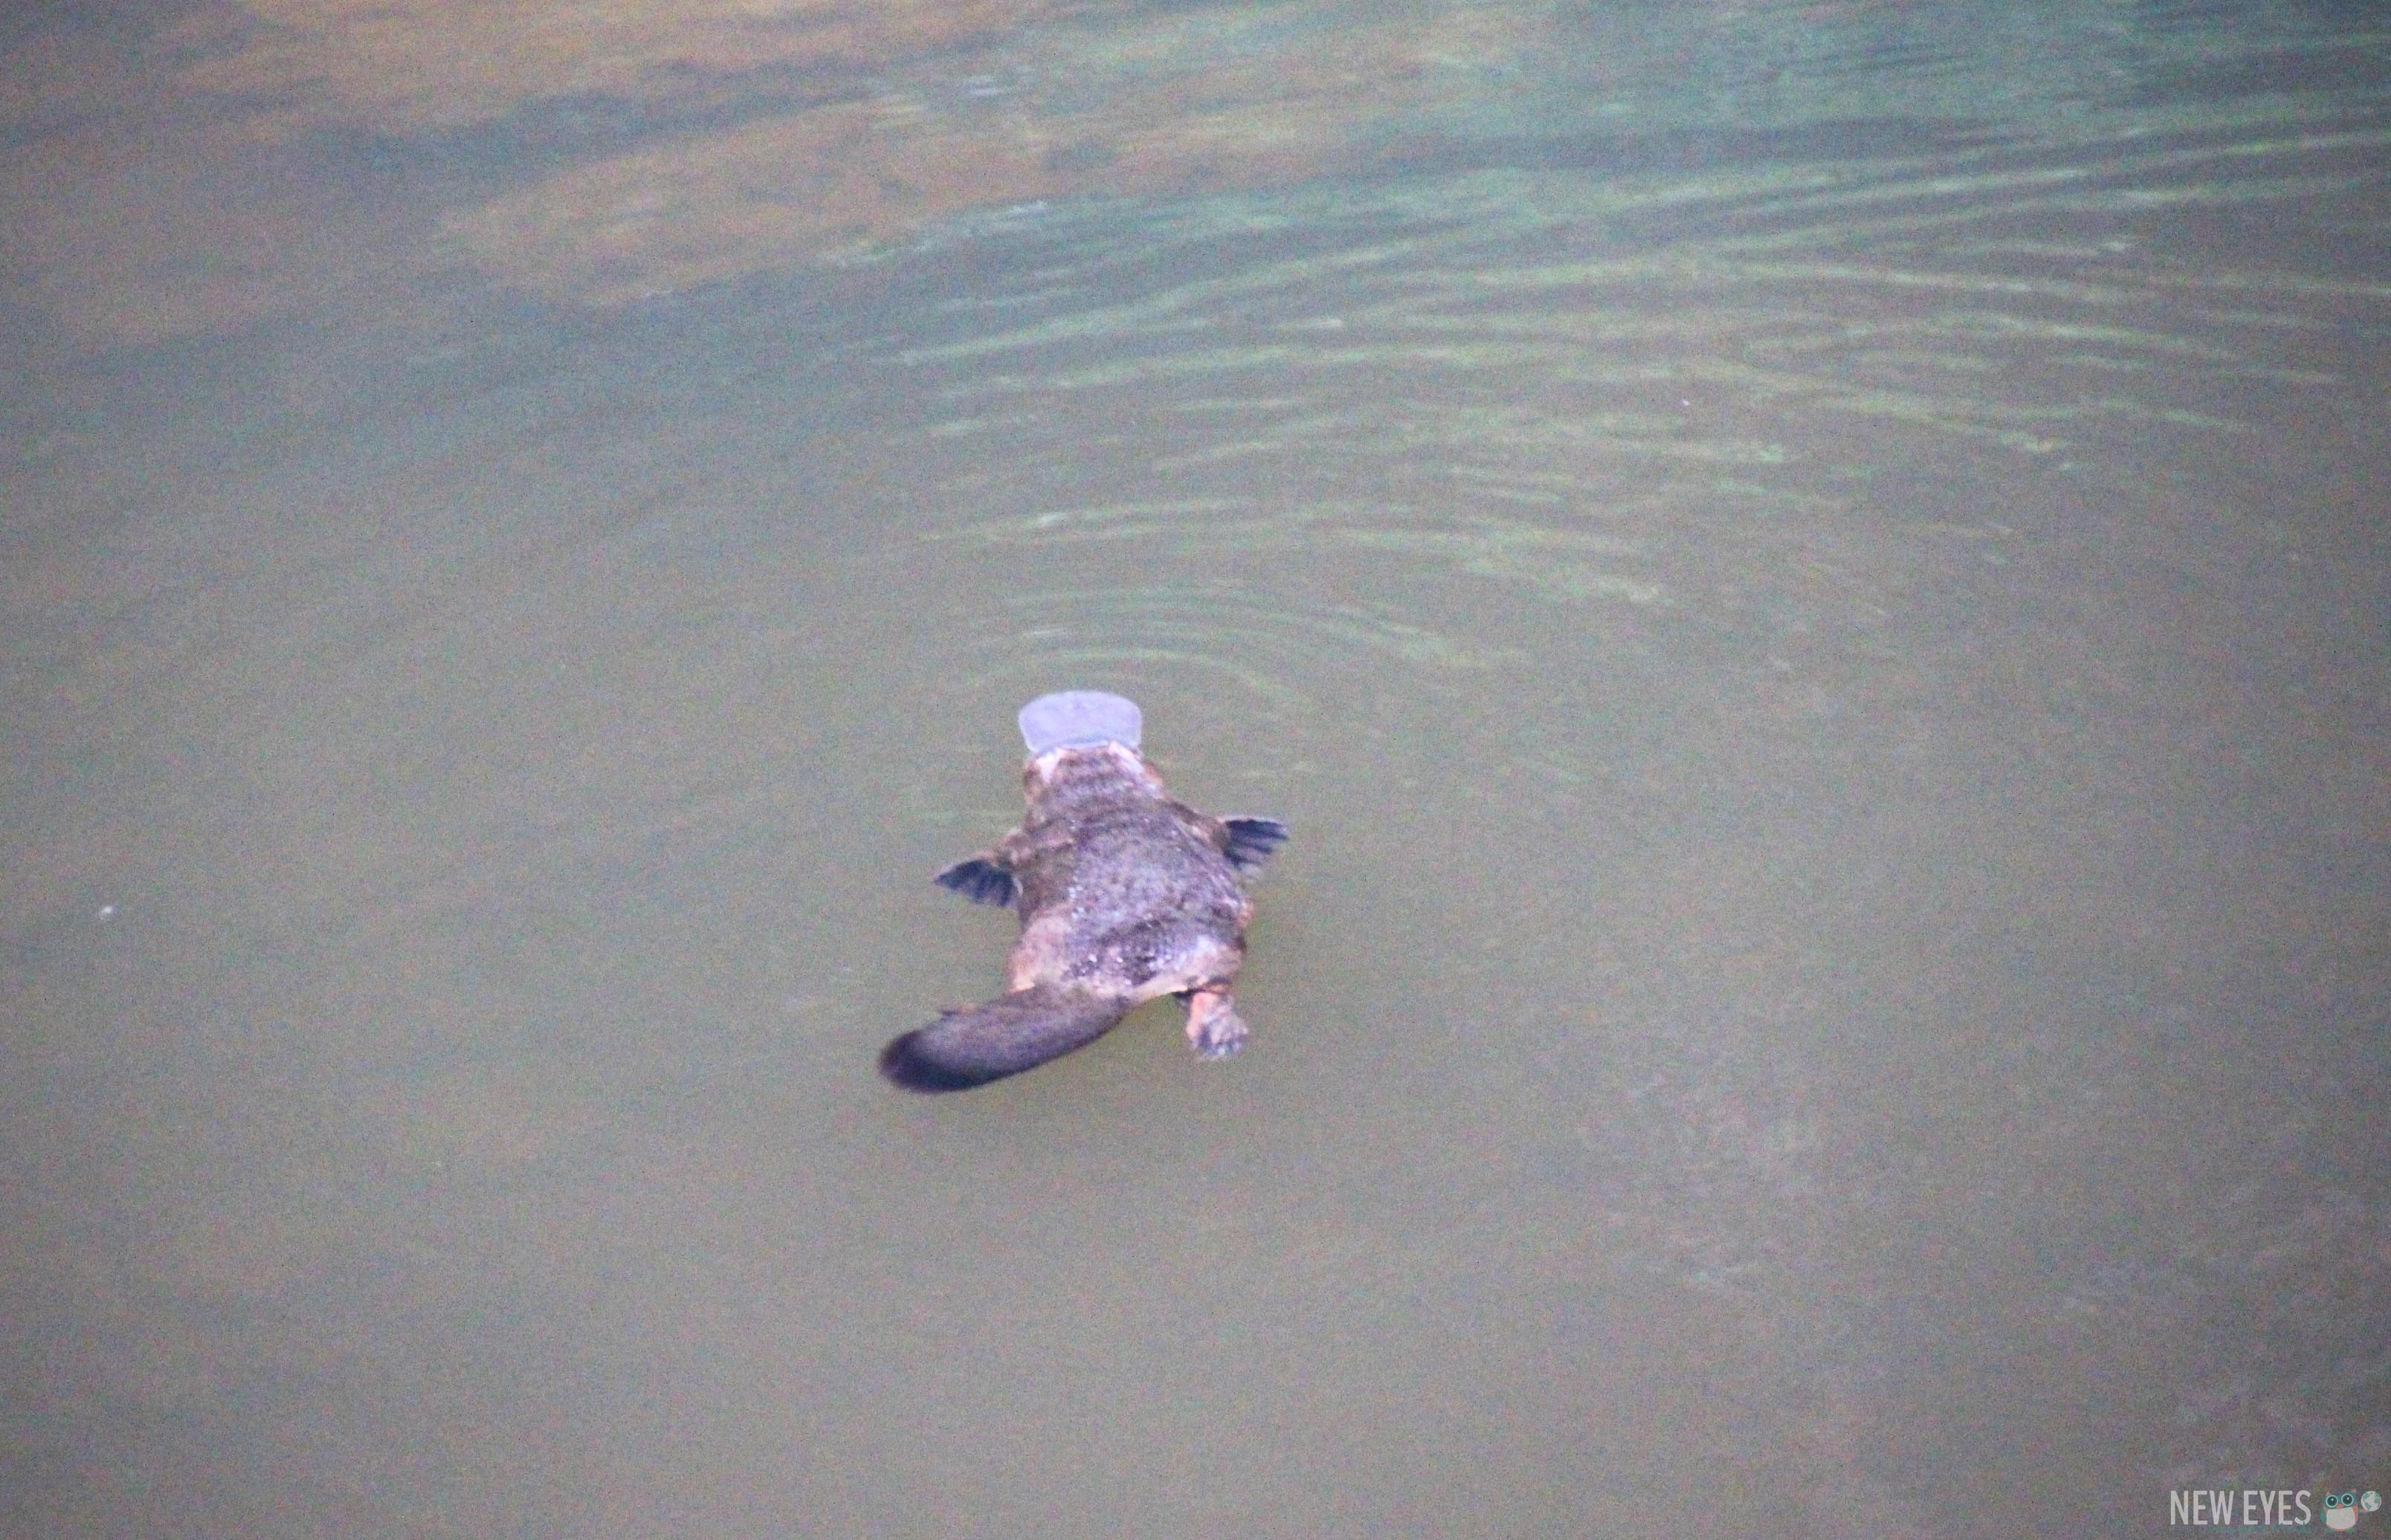 Un platypus sauvage en Australie @neweyes